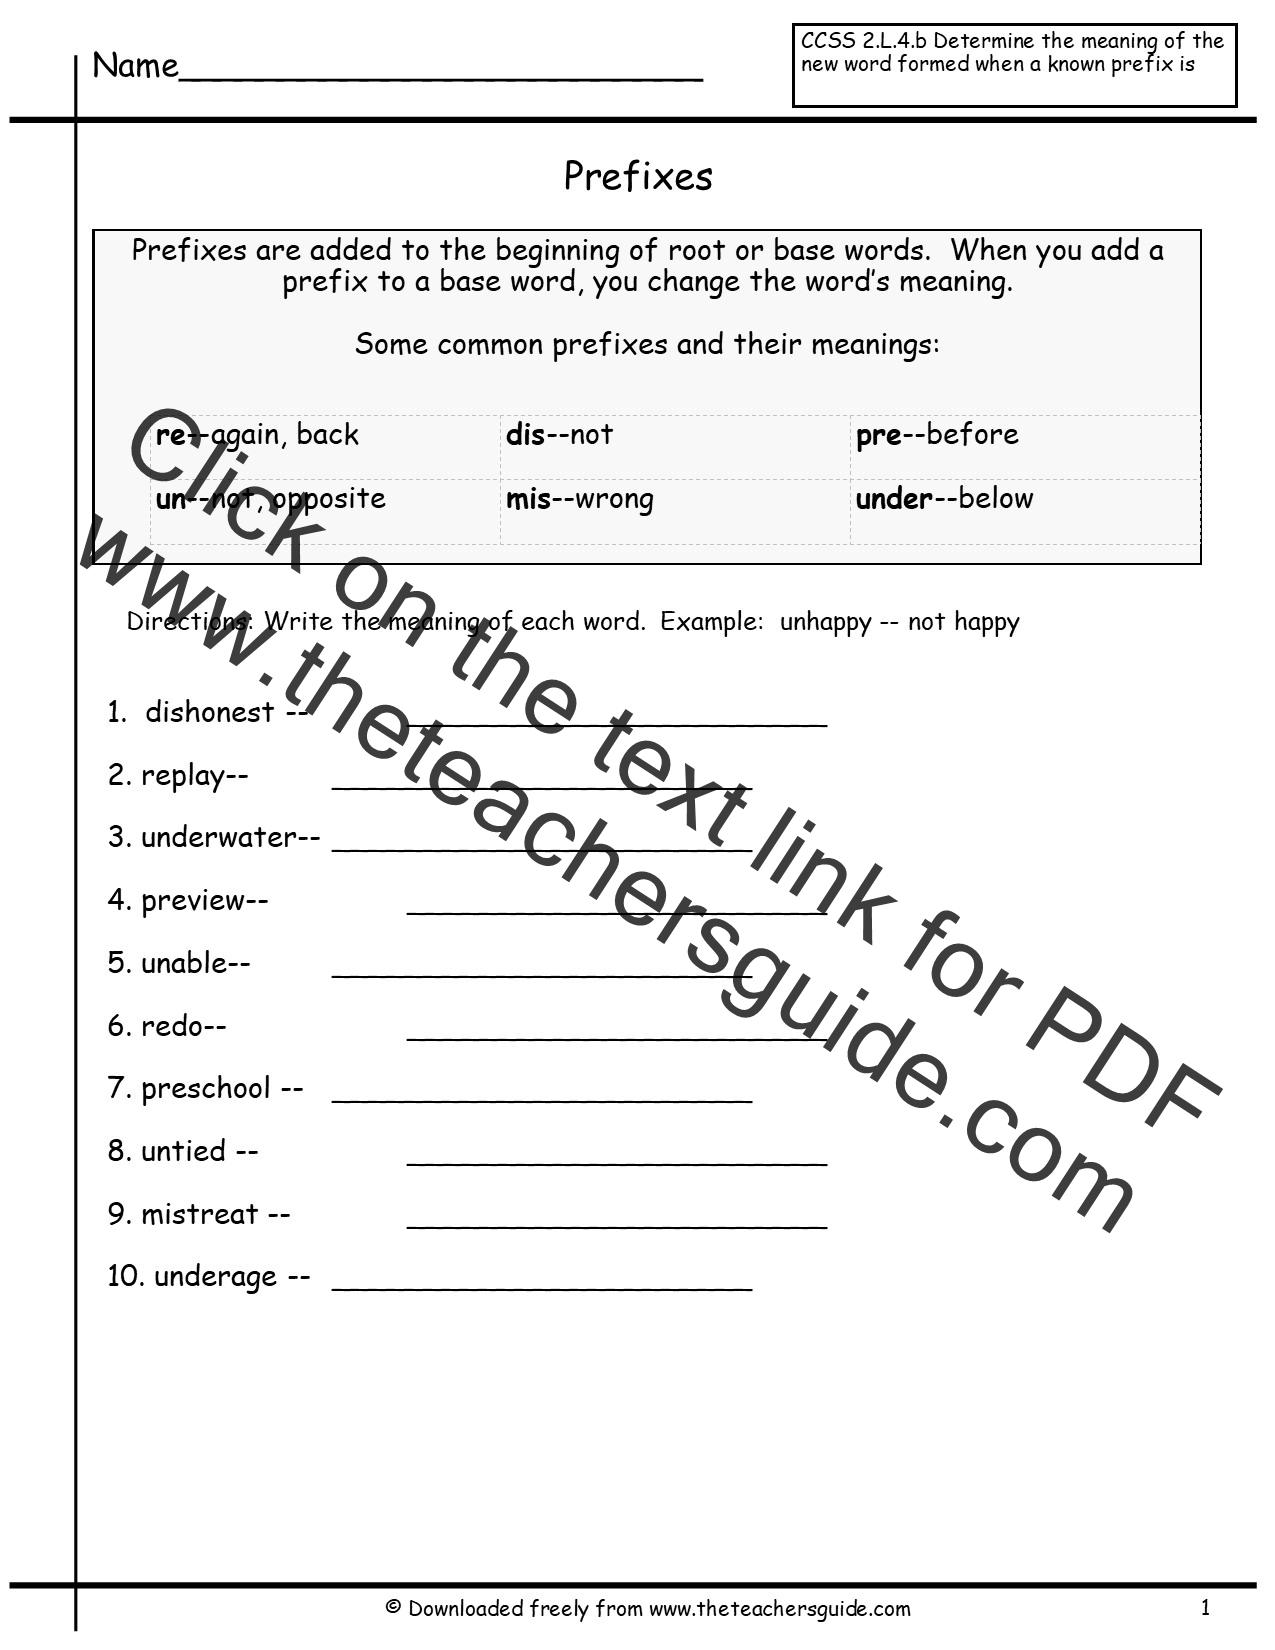 Prefixes W Ksheets 4th Gr De Free W Ksheets Libr Ry